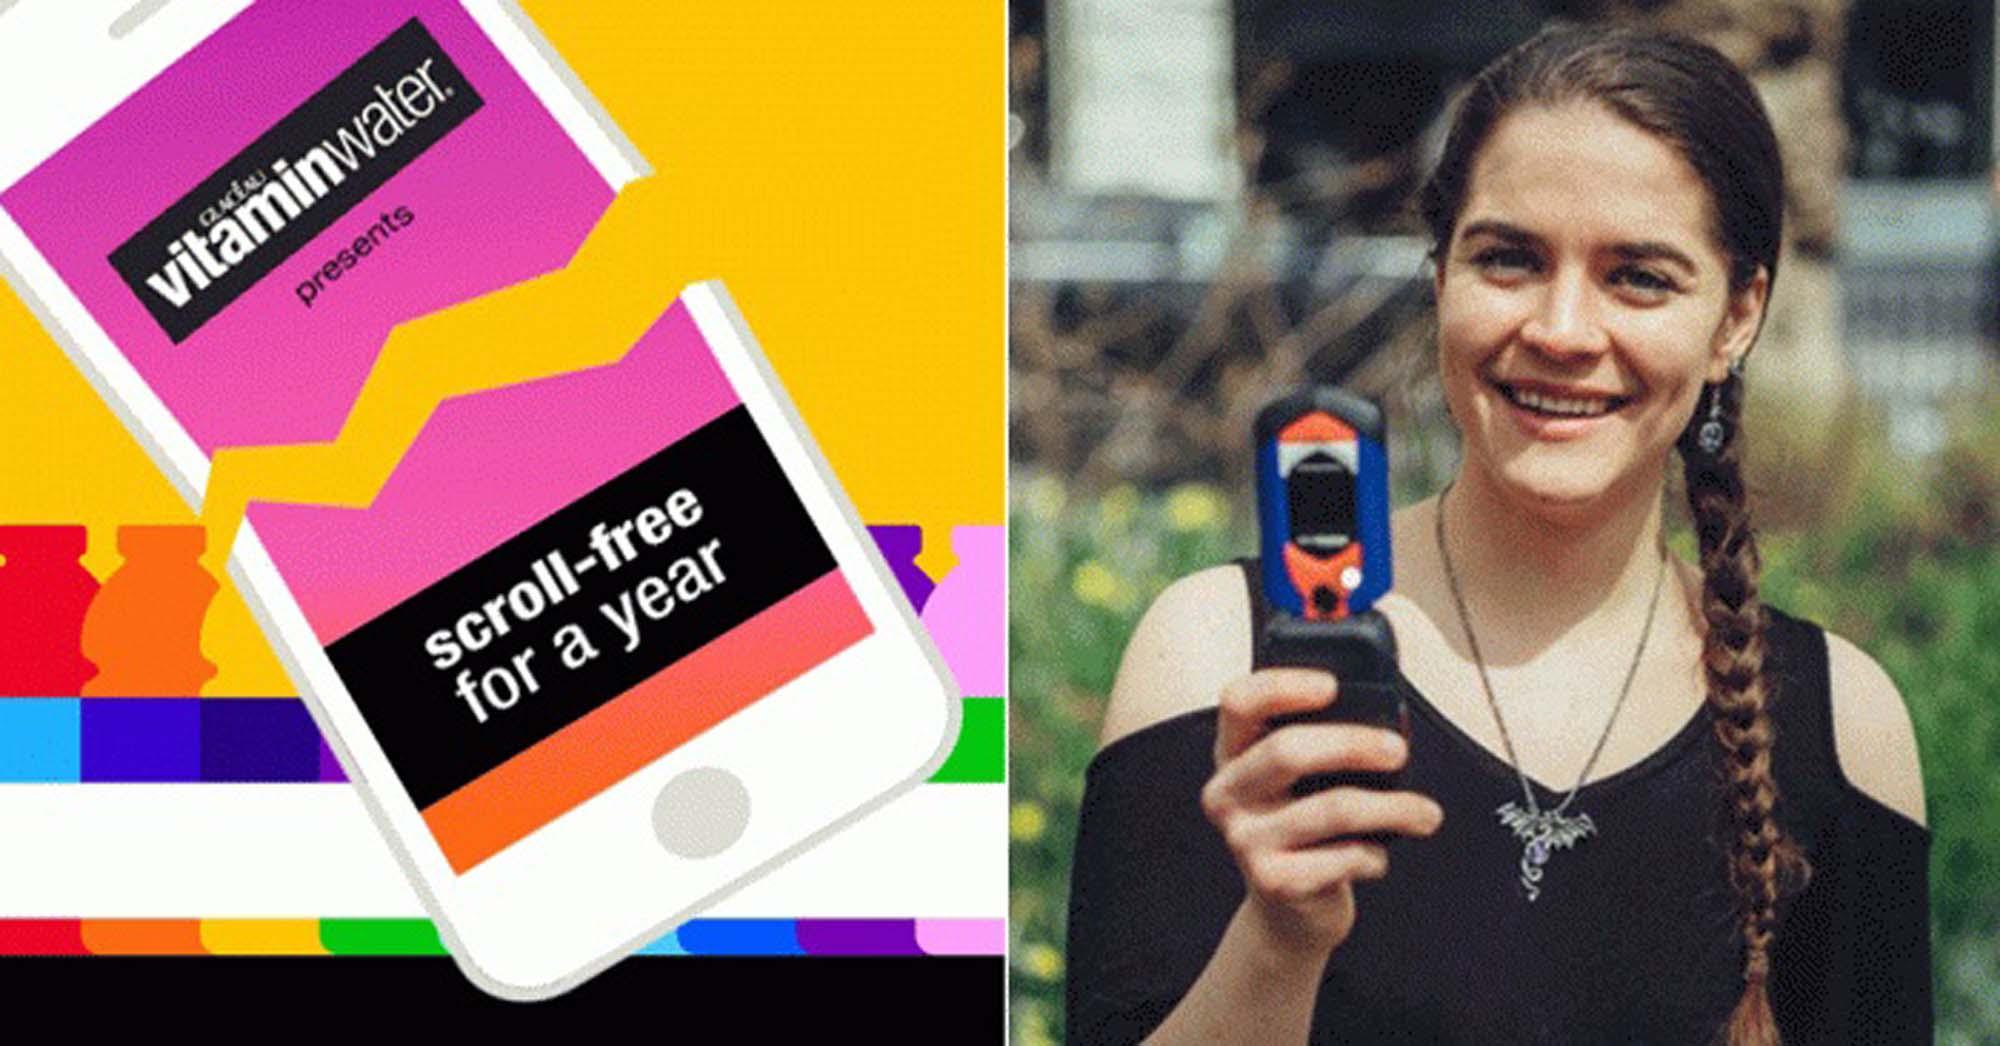 एक साल बिना स्मार्ट फ़ोन के रहने का चैलेंज पूरा कर ये महिला जीतने जा रही है पूरे 72 लाख रूपये।